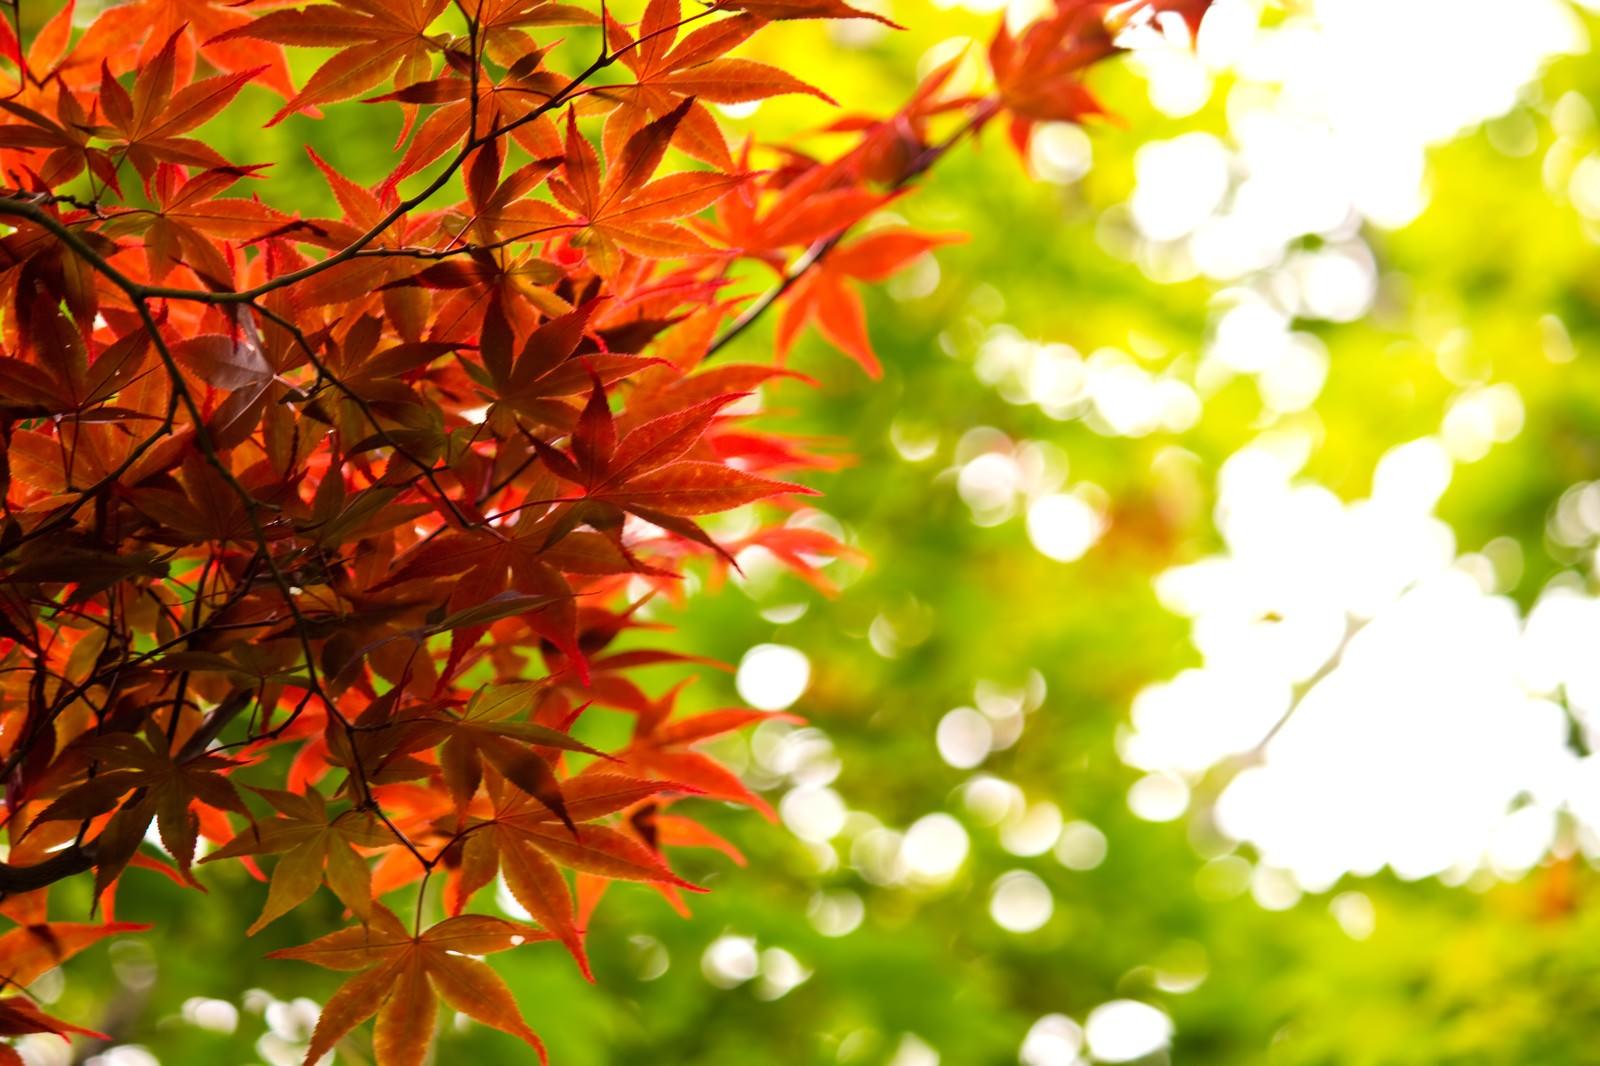 「秋、黄葉する葉」の写真